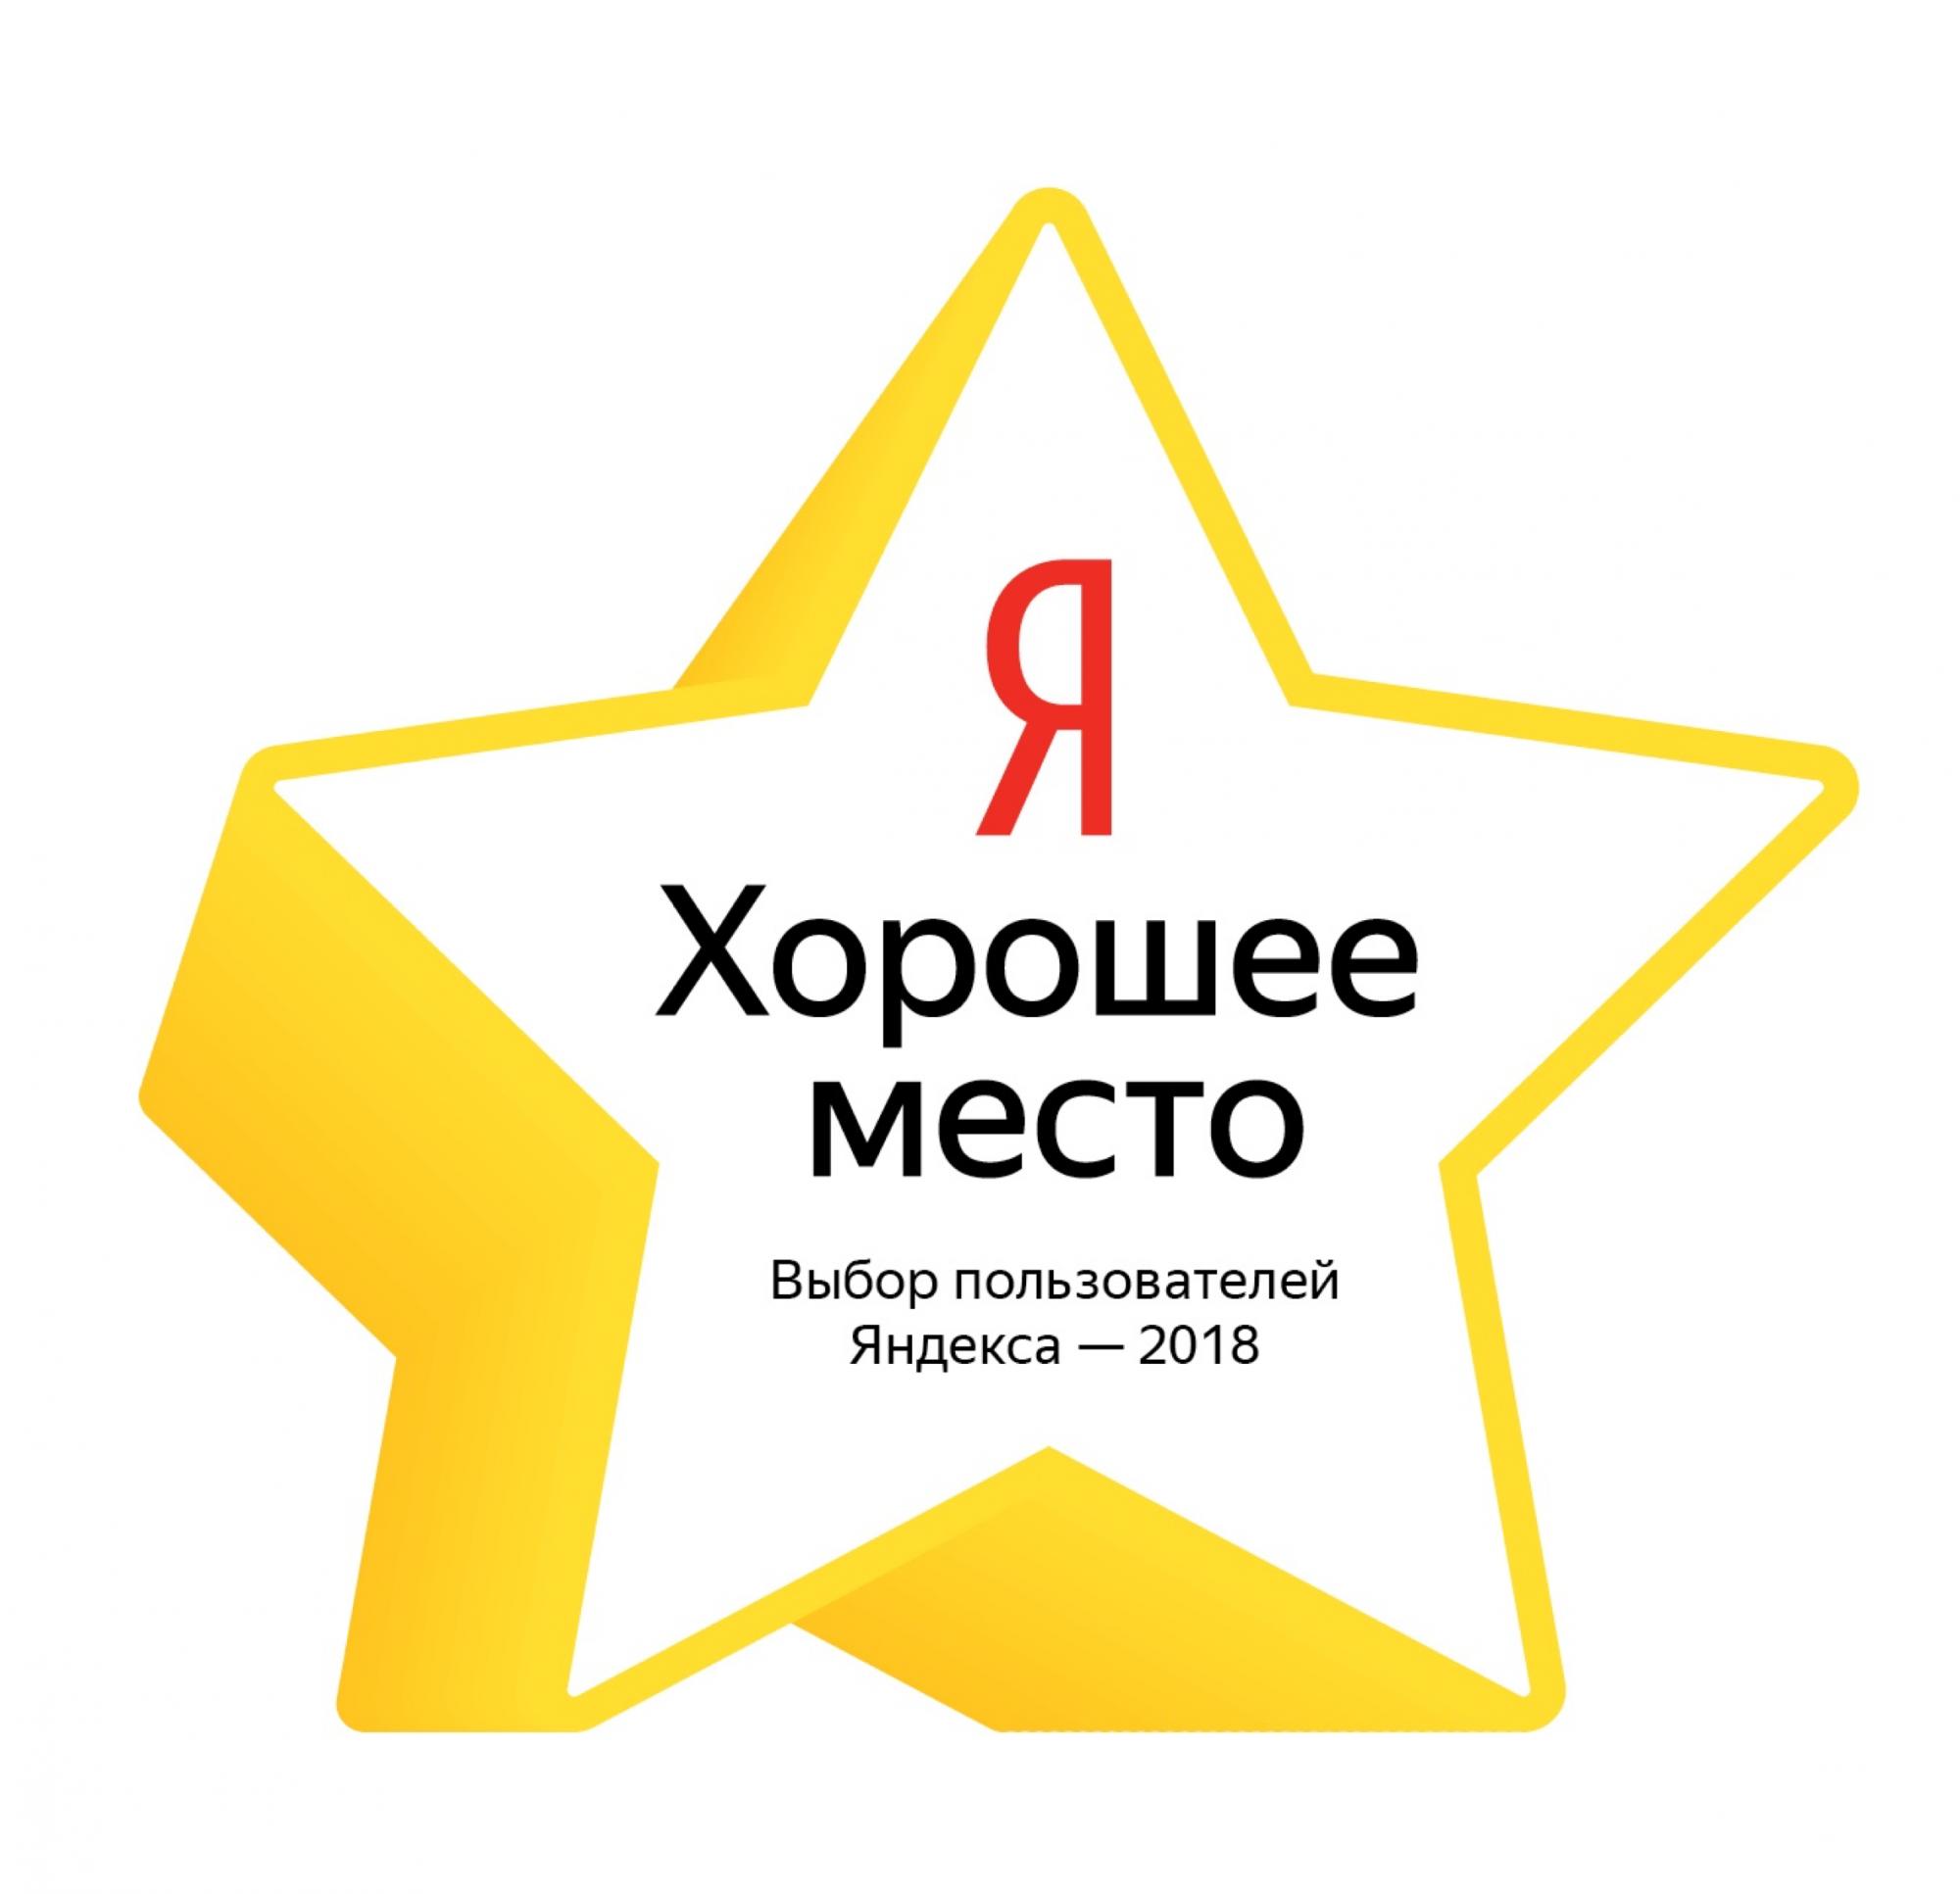 Яндекса начал награждать лучшие организации в офлайне